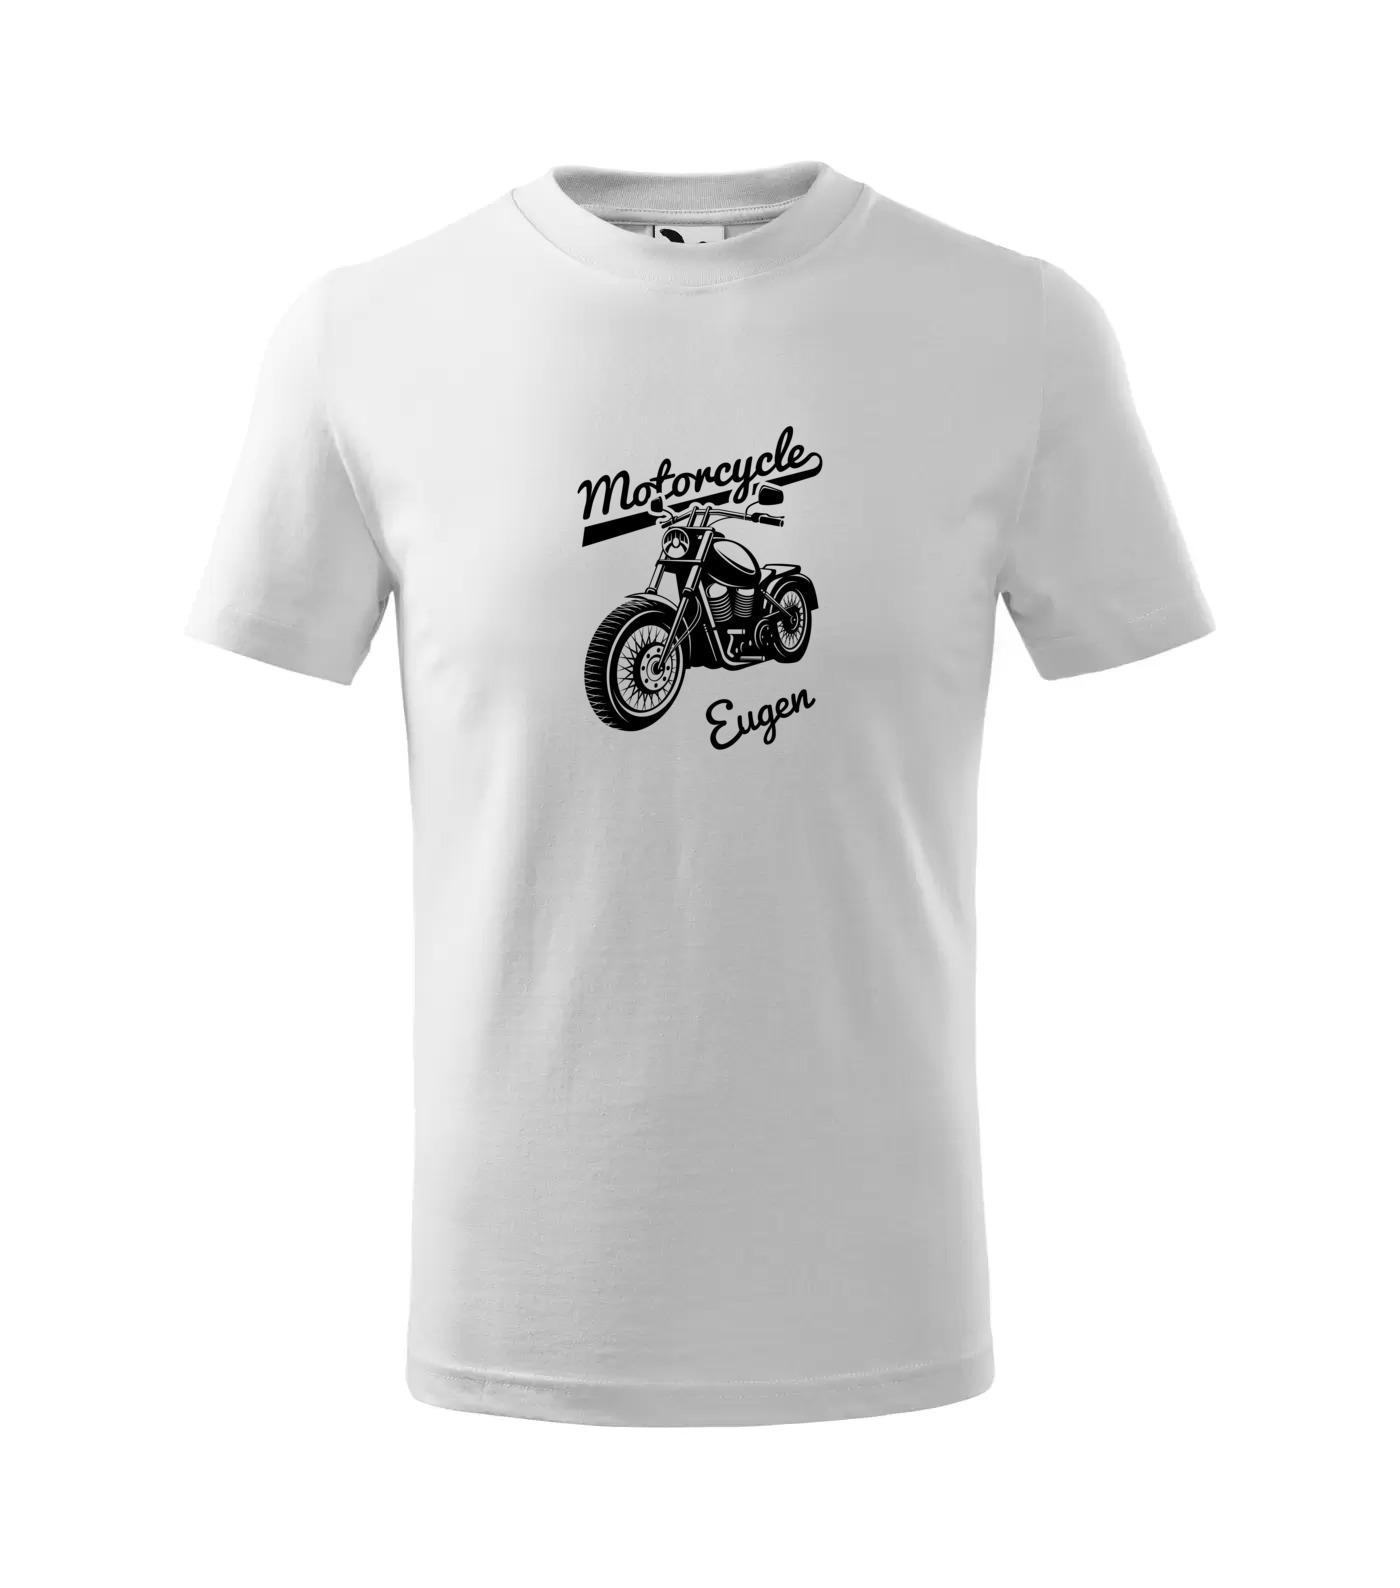 Tričko Motorkář Inverse Eugen